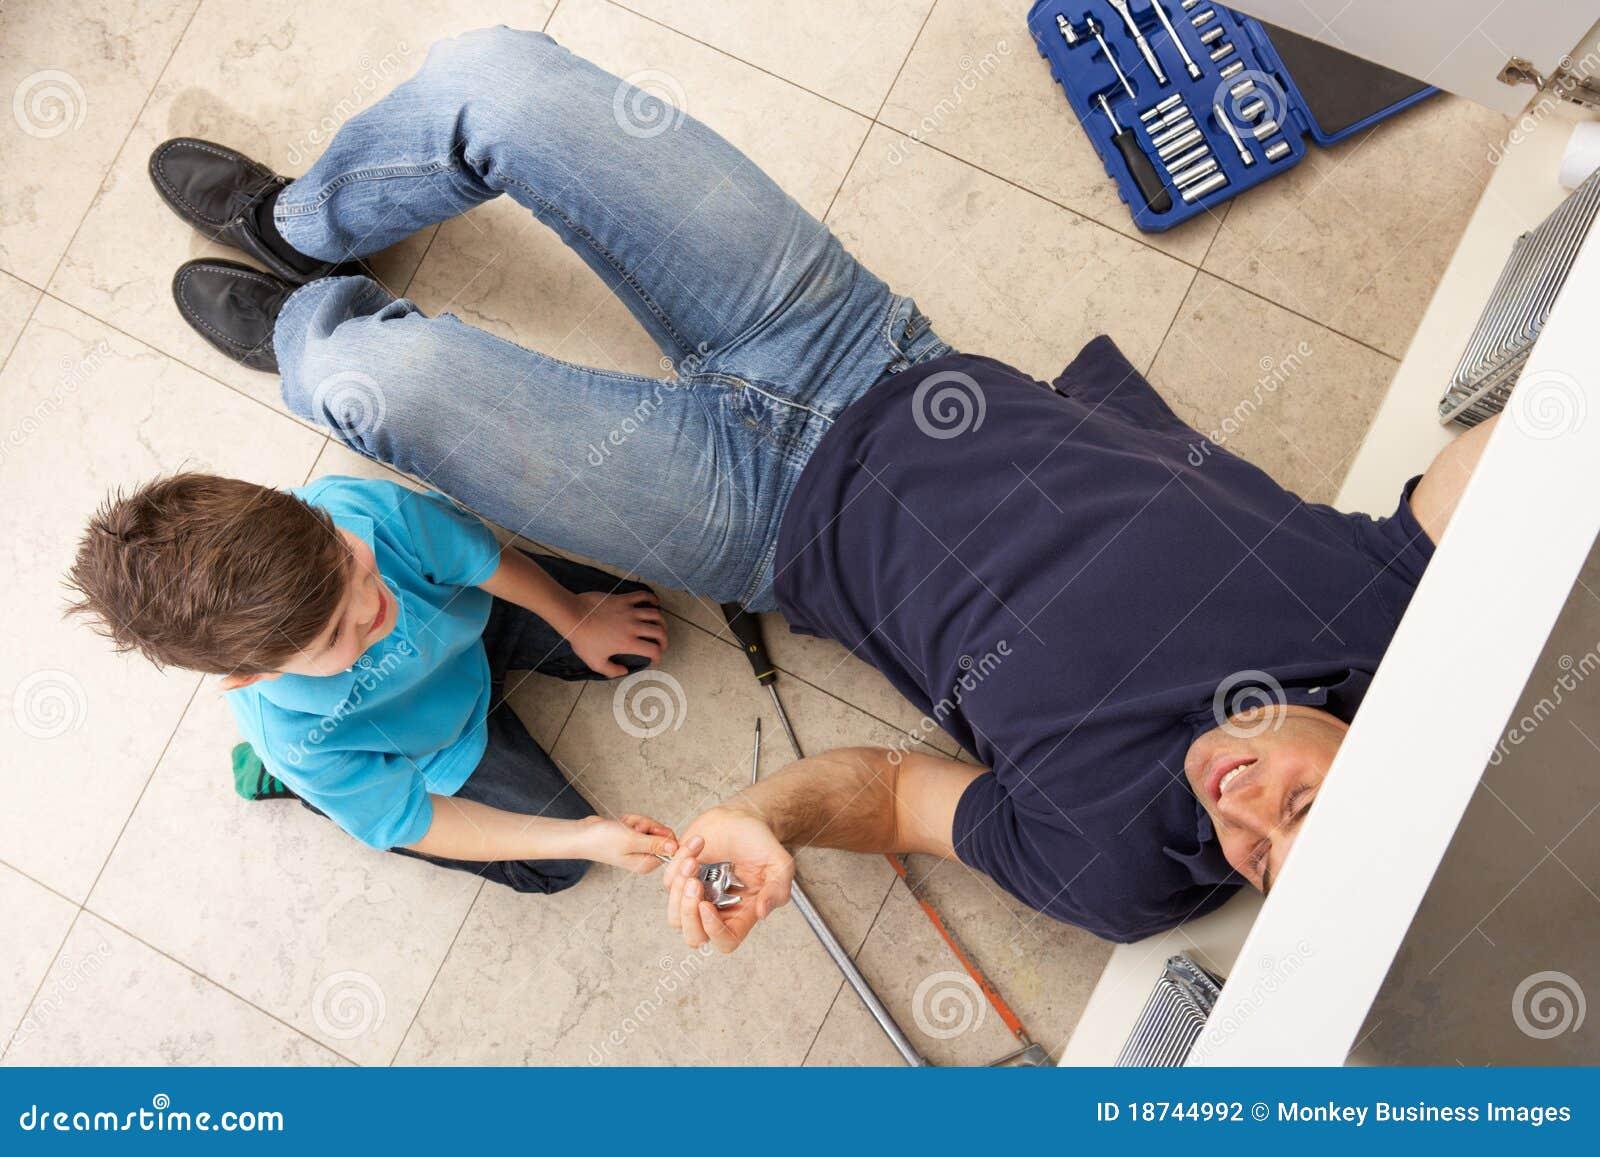 Γιος που βοηθά τον πατέρα για να επιδιορθώσει την καταβόθρα